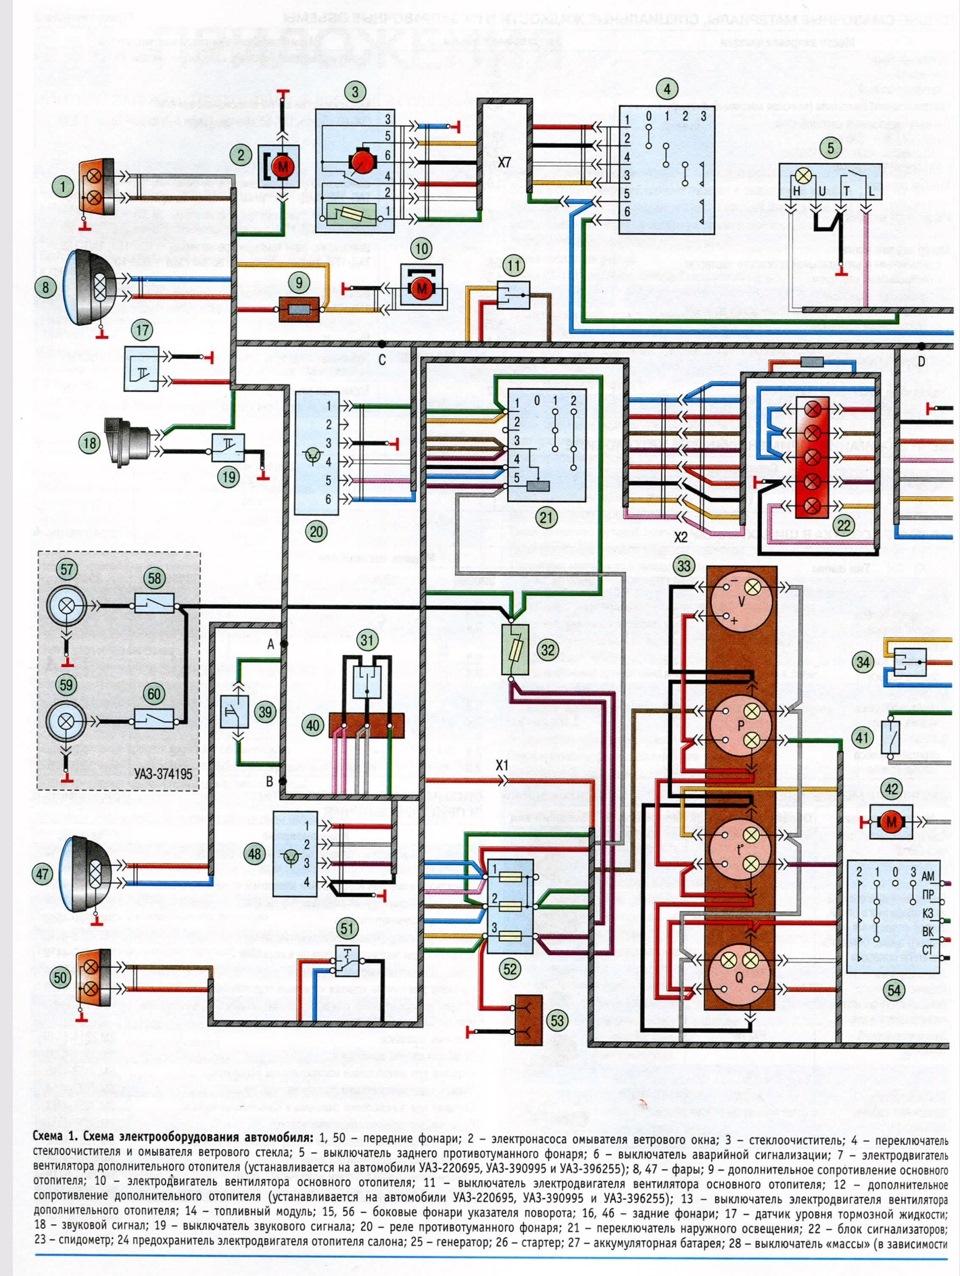 Электрическая схема на уаз 514